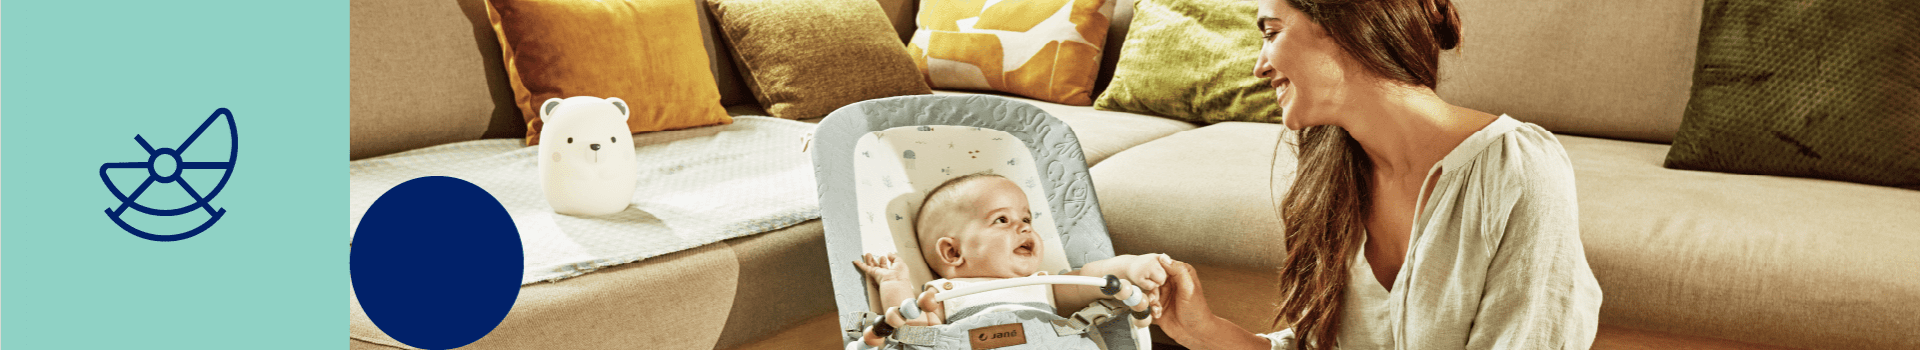 Sdraiette Jané | Le migliori sdraiette e i migliori dondolini per bambini | Jané